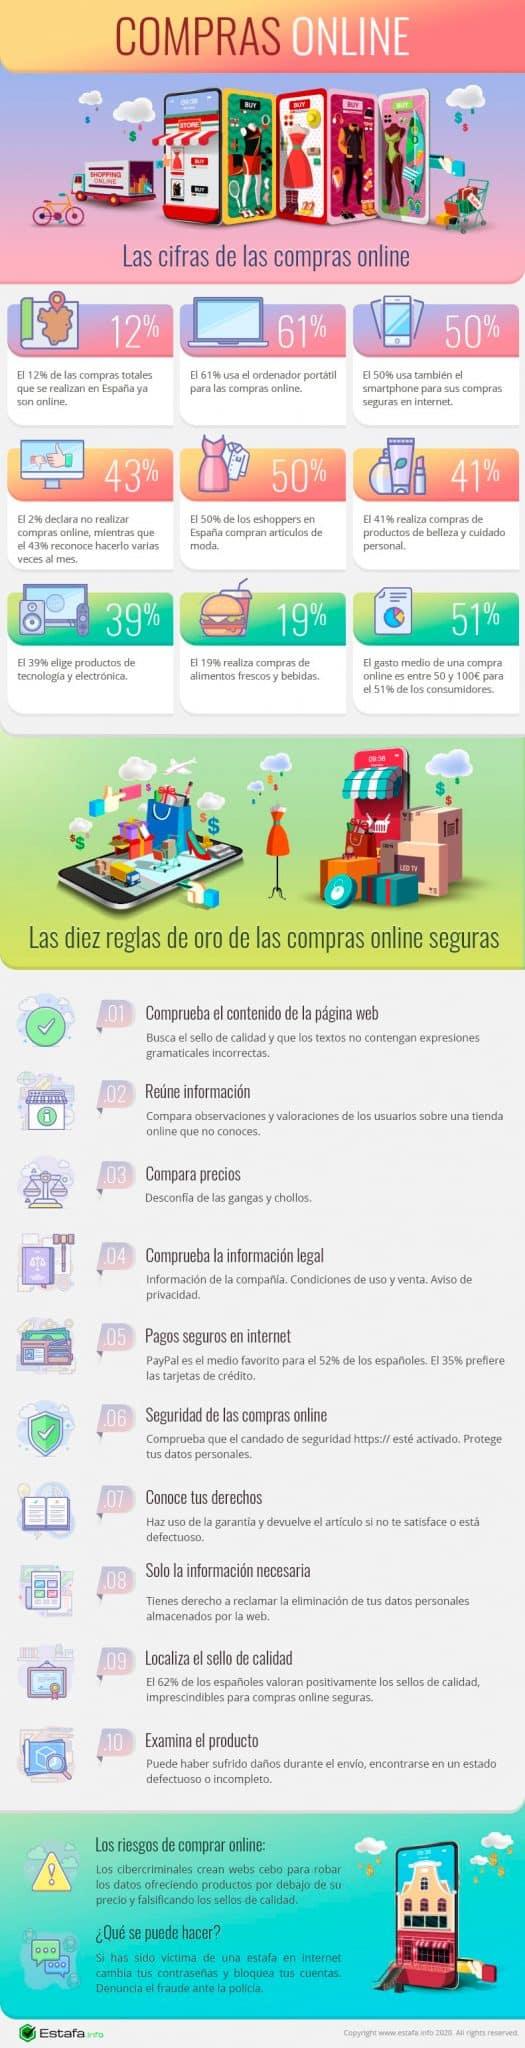 infografia compras online